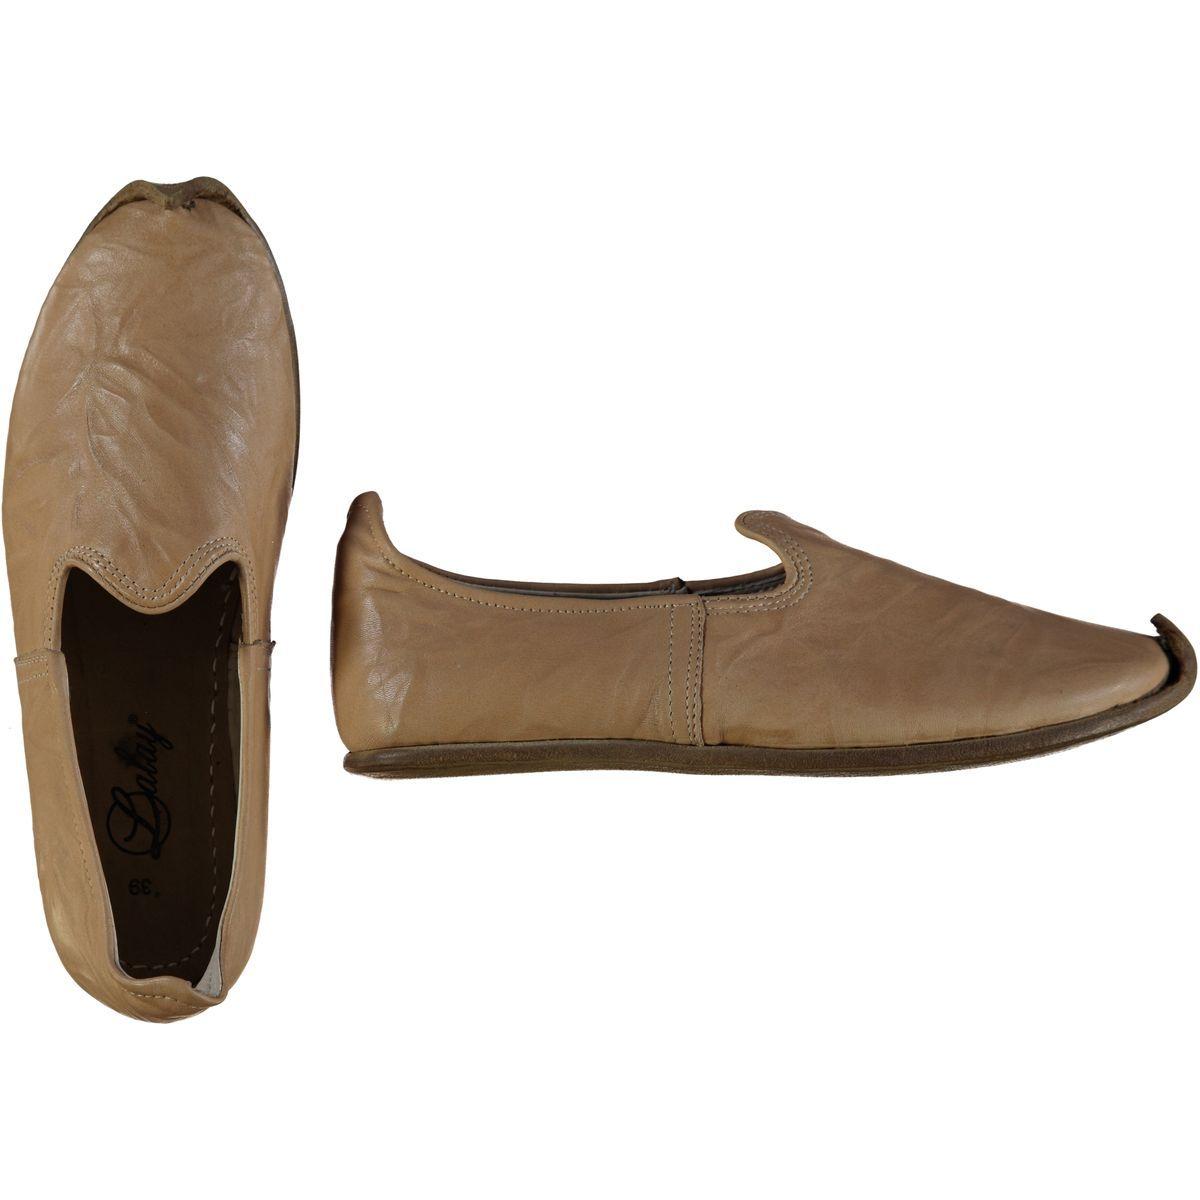 Shoe - Babouche / Leather / Handmade - Beige